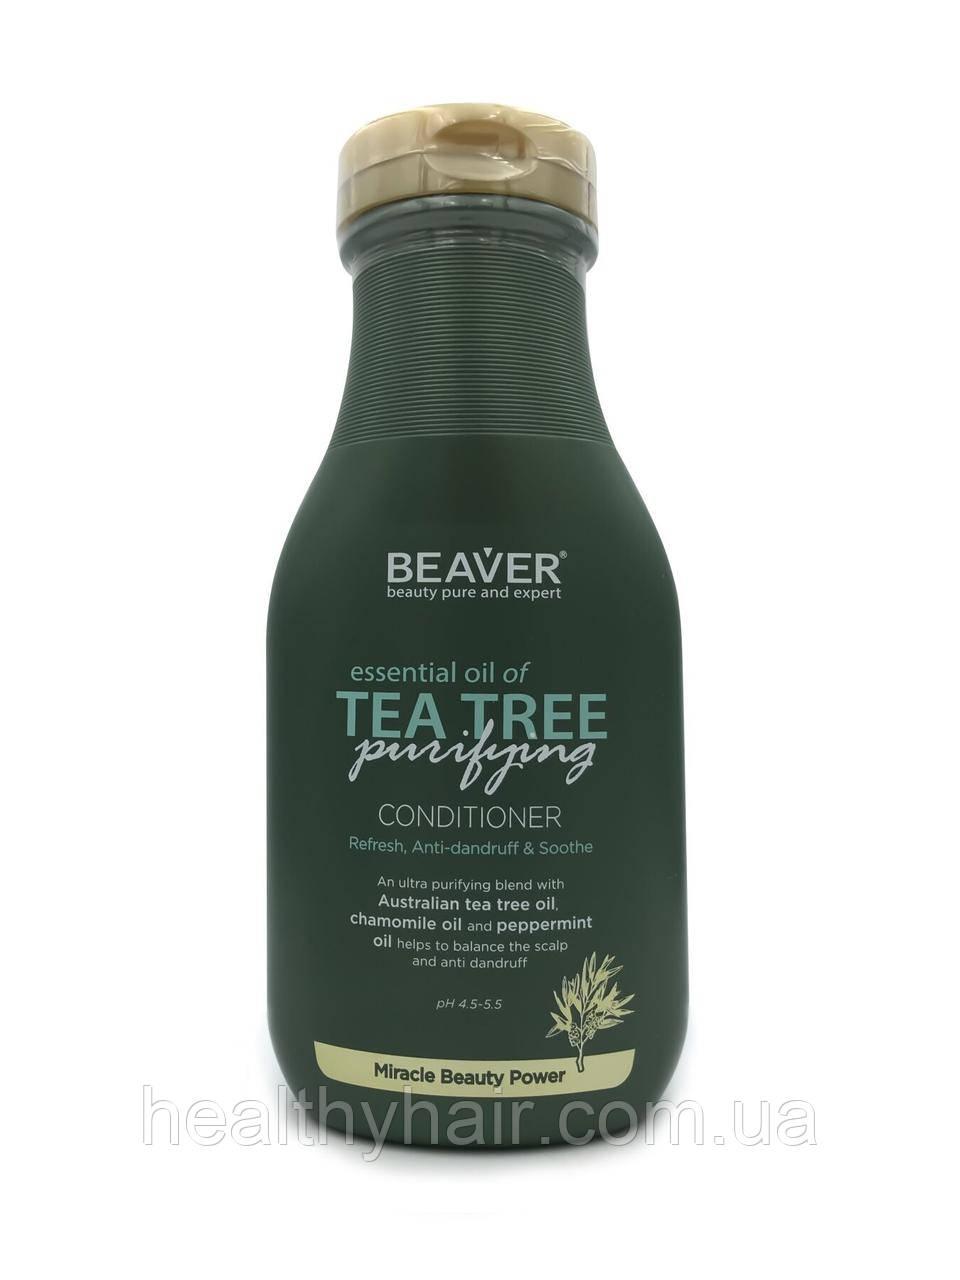 Beaver Essential Oil of Tea Tree Conditioner укрепляющий кондиционер для волос с маслом чайного дерева 350 мл